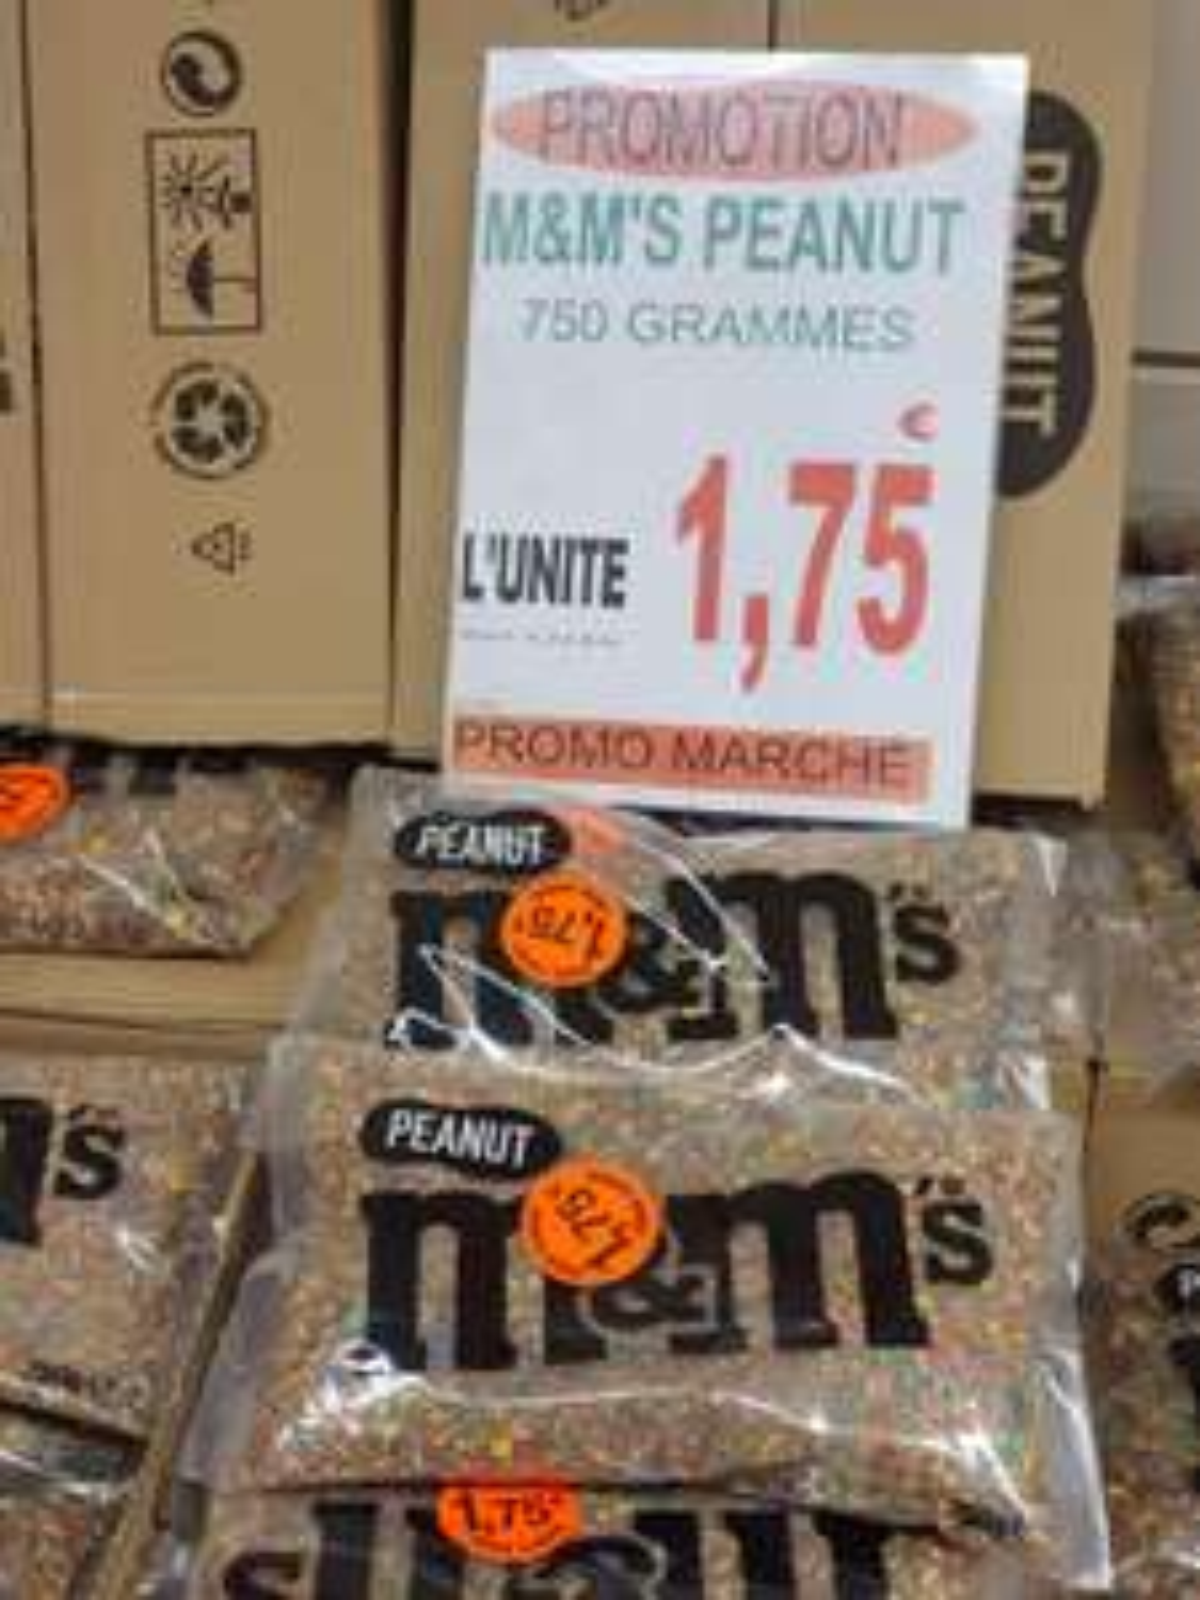 Sachet de M&M's Peanut brisés (750 g) - Promo Marché Bétheny (51)